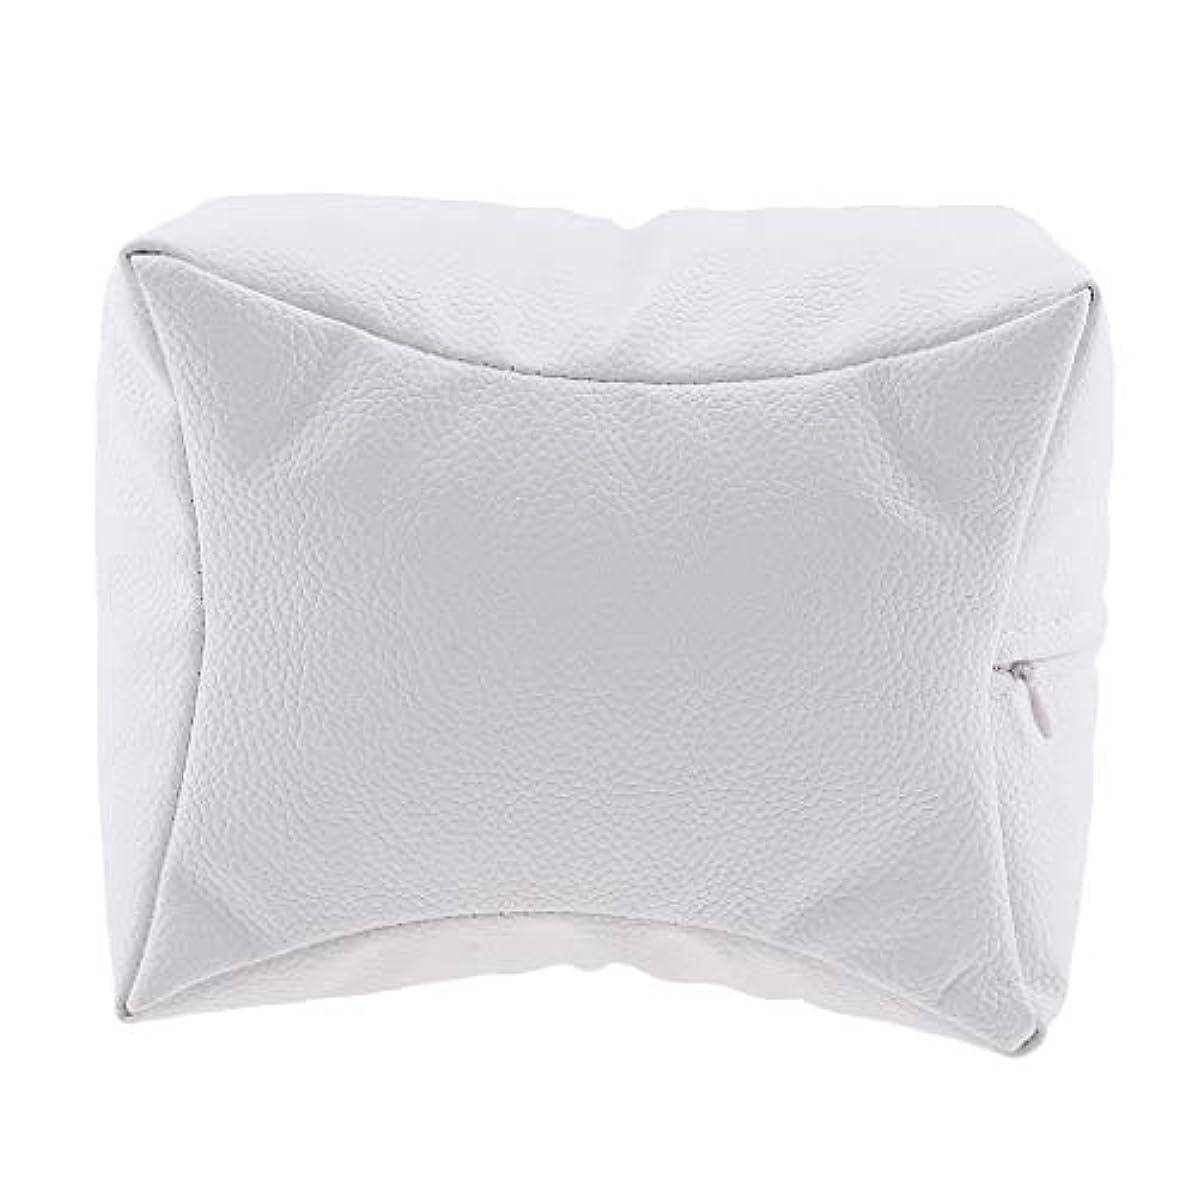 変換噂落ちたネイルアート 手枕 ハンドピロー レストピロー ハンドクッション ネイルサロン 4色選べ - 白